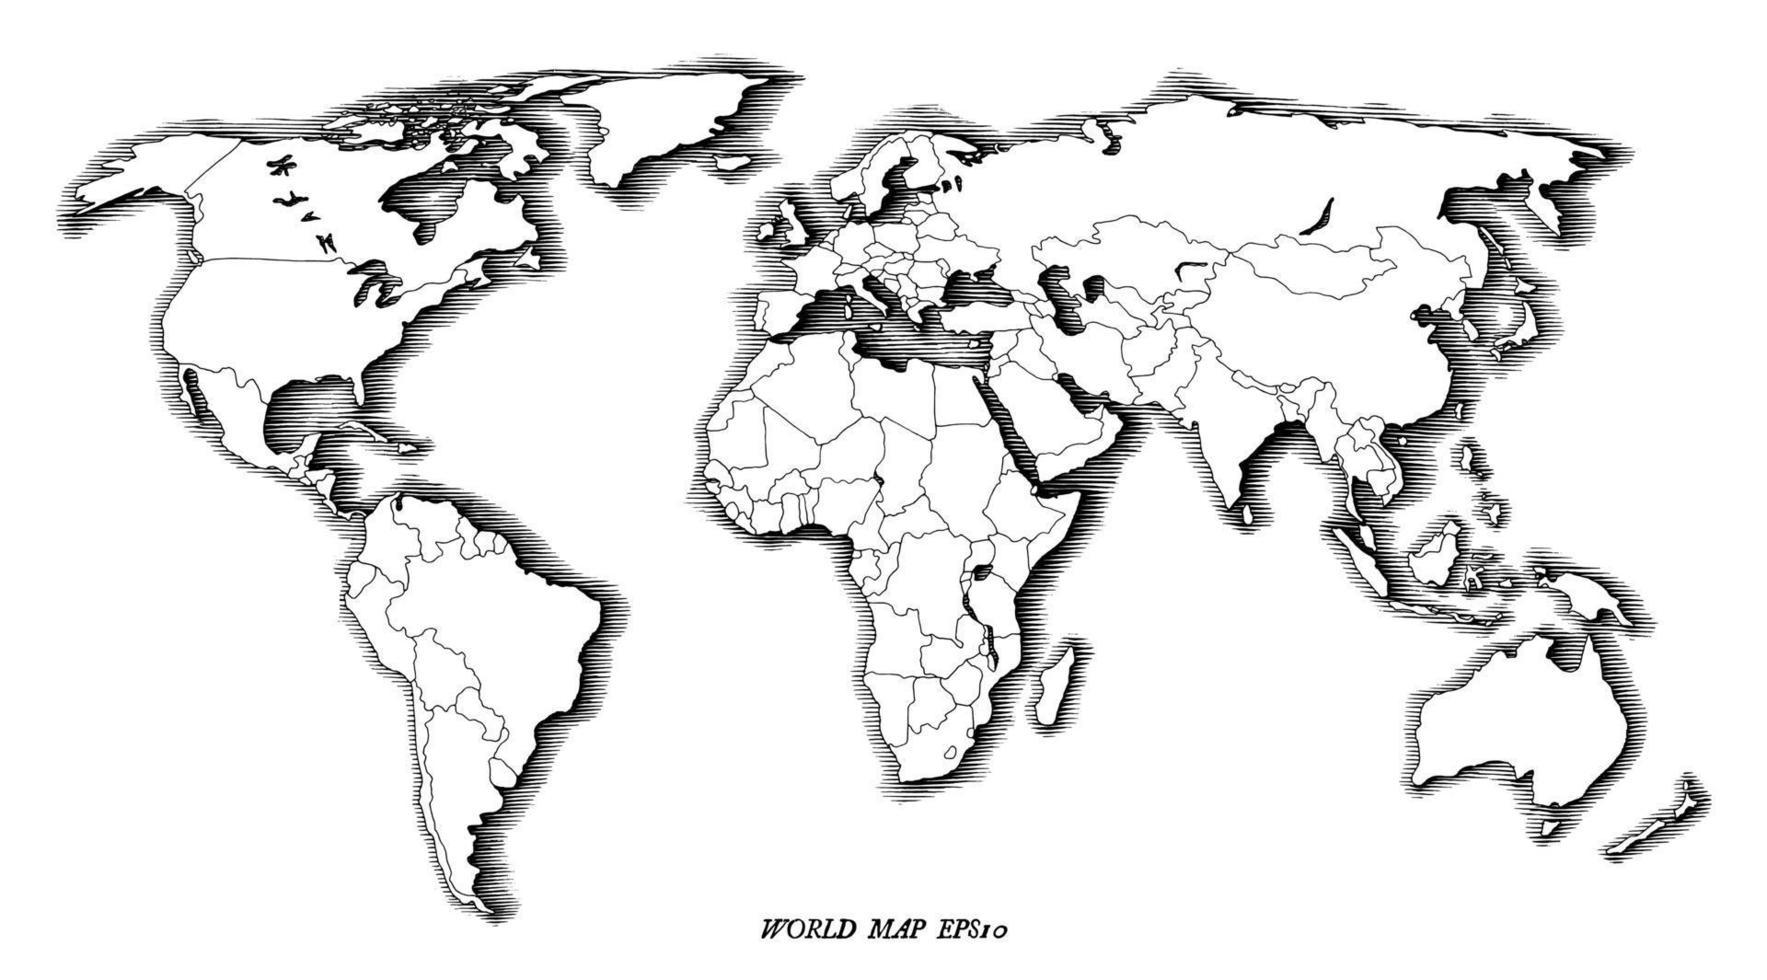 Cartina Geografica Del Mondo In Bianco E Nero.Mappa Del Mondo Mano Disegno Stile Vintage Arte In Bianco E Nero Isolato Su Sfondo Bianco 1937493 Scarica Immagini Vettoriali Gratis Grafica Vettoriale E Disegno Modelli